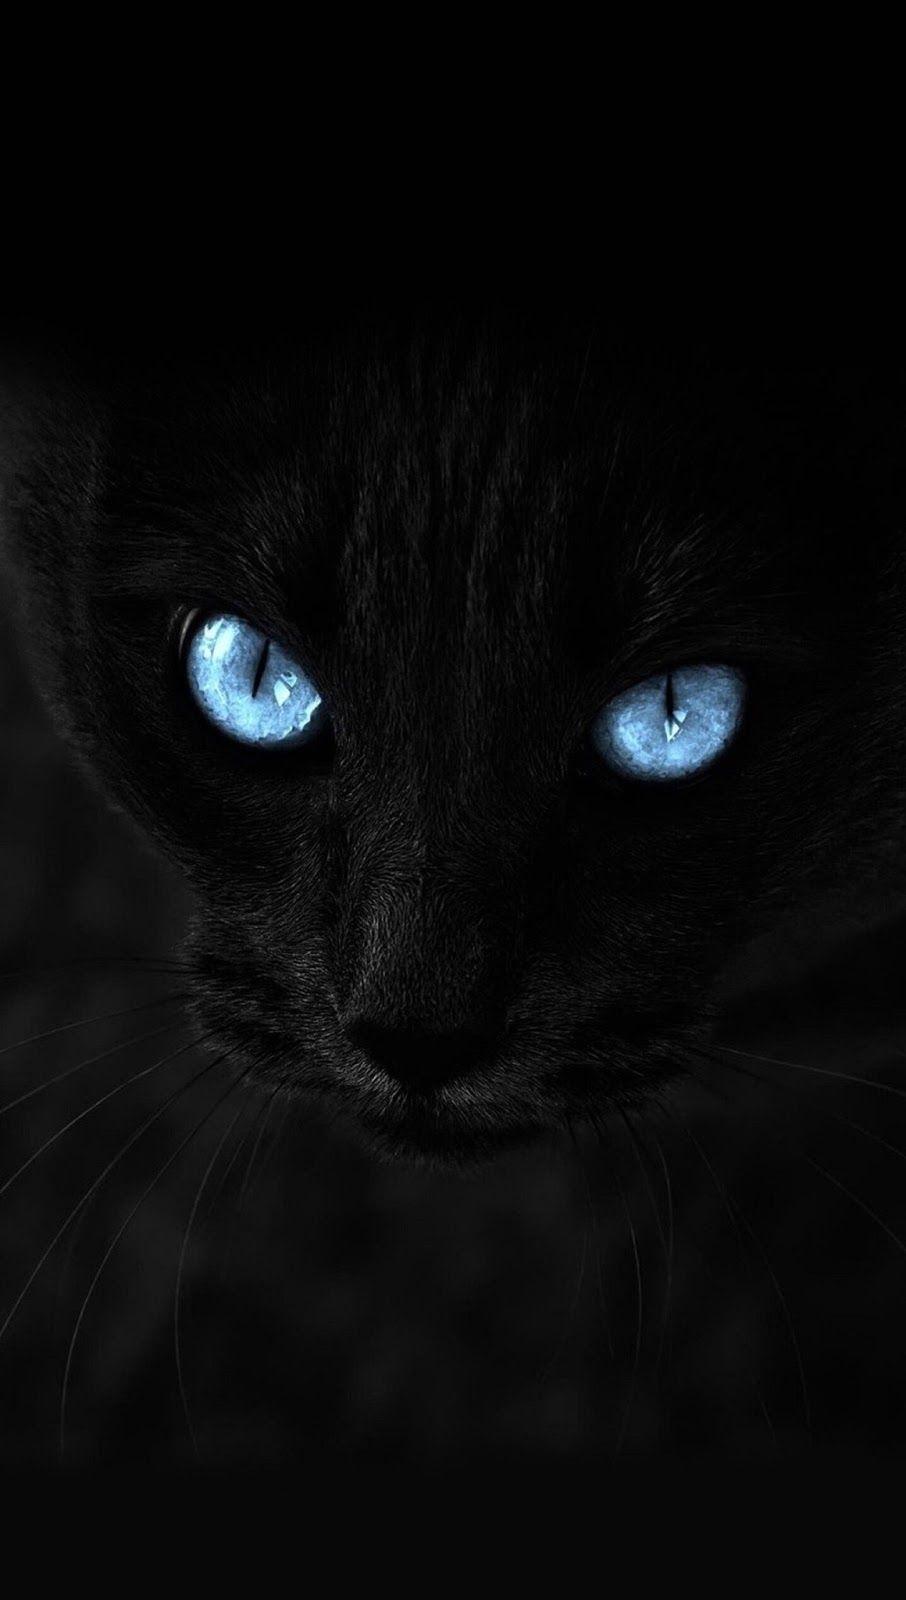 Black Cat Cat Wallpaper Black Wallpaper Blue Cats